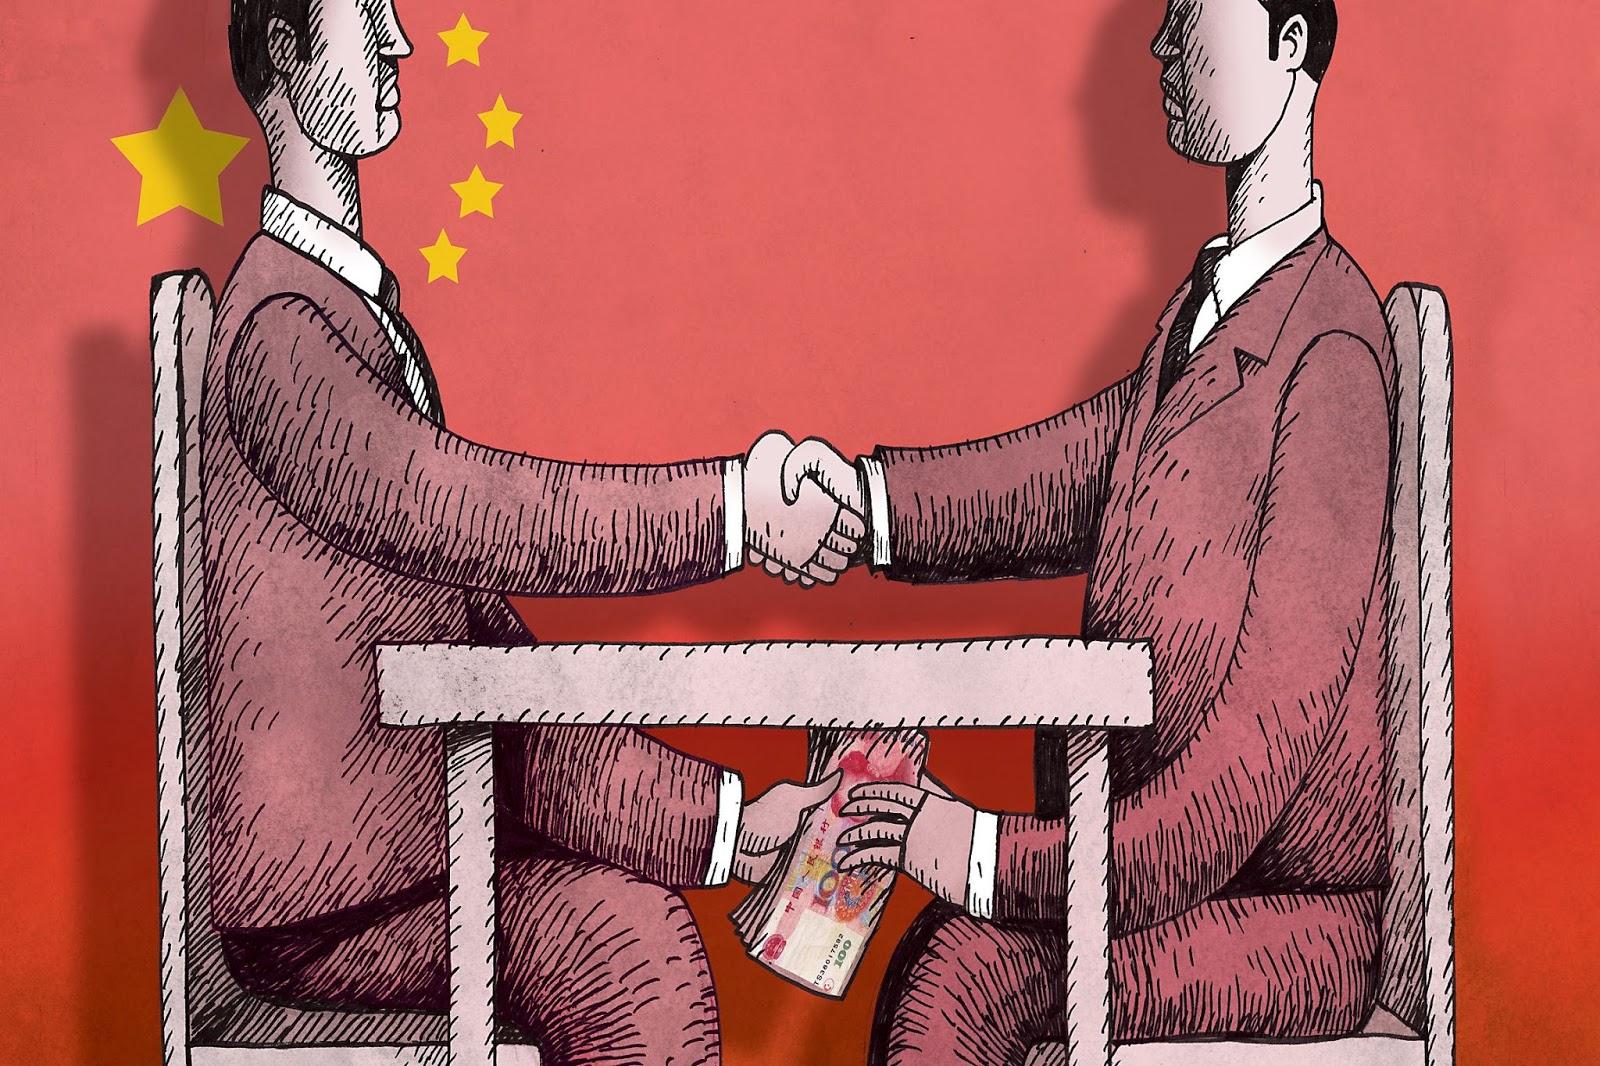 Борьба с коррупцией по-китайски